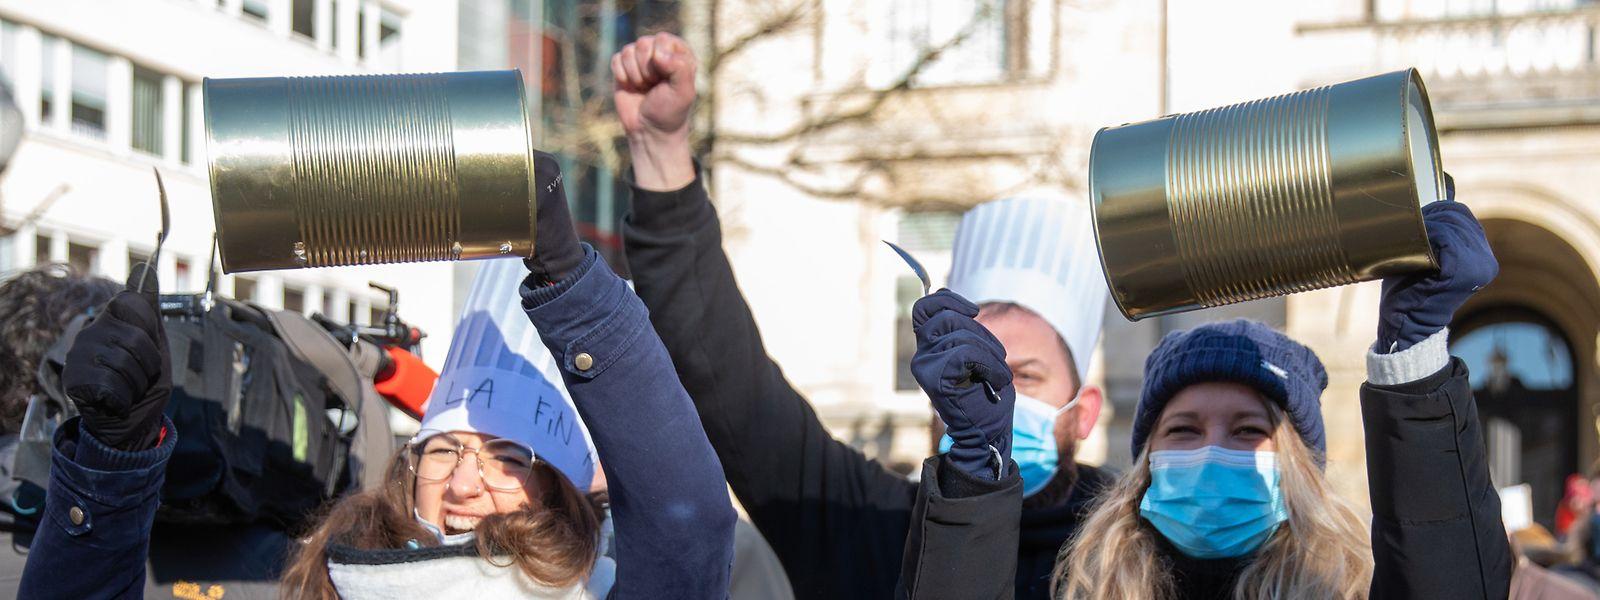 C'est avec des boîtes de conserve et des cuillères que certains manifestants expriment leur ras-le-bol sous les fenêtres du Cercle Cité.